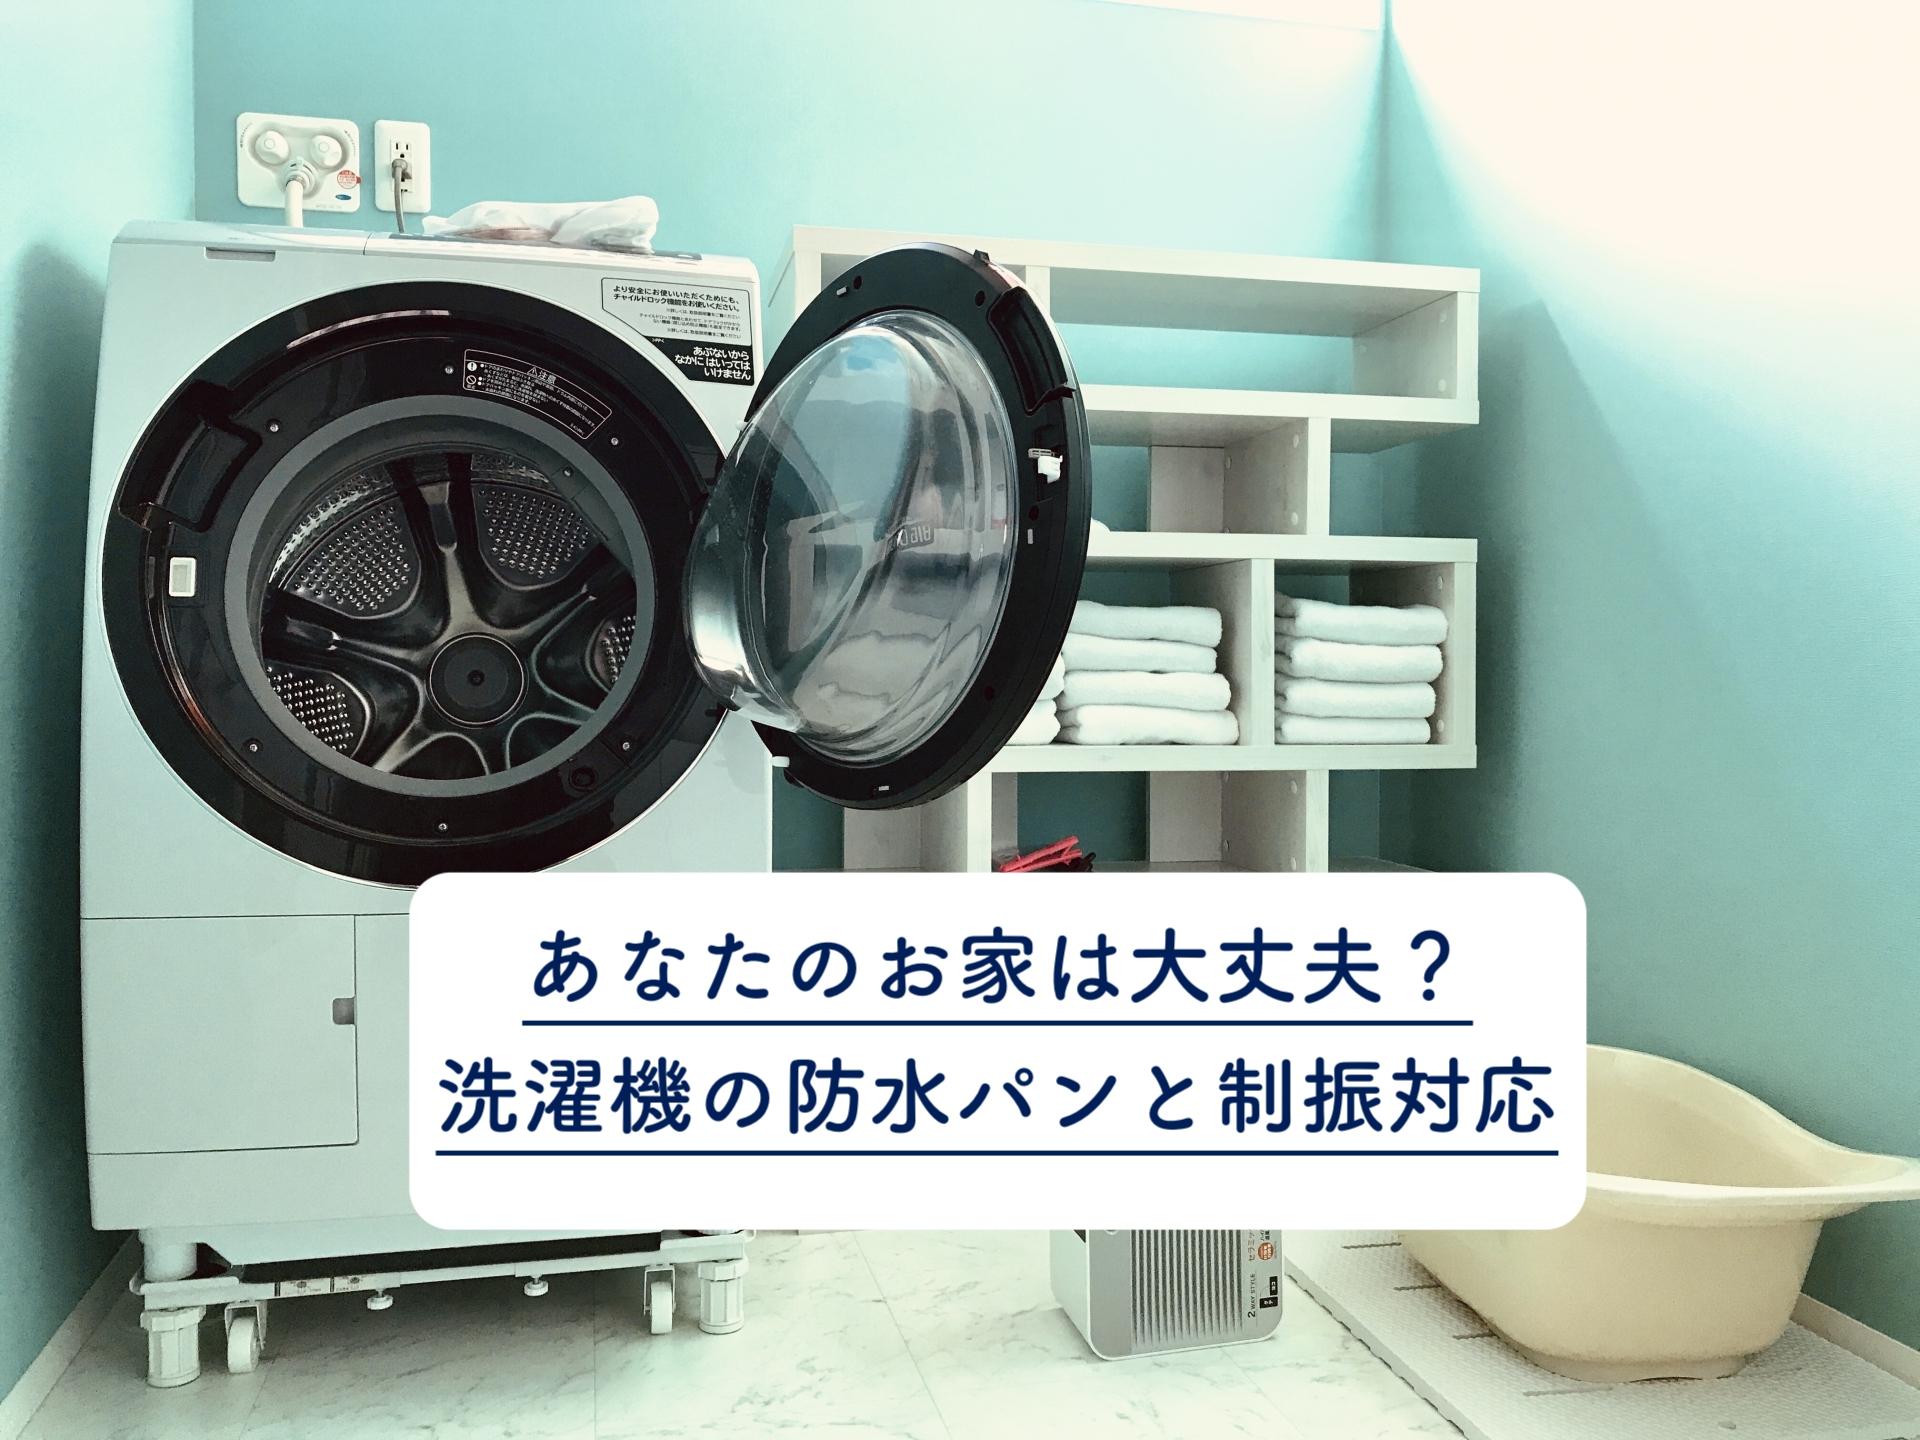 あなたのお家は大丈夫?洗濯機の防水パンと制振対応